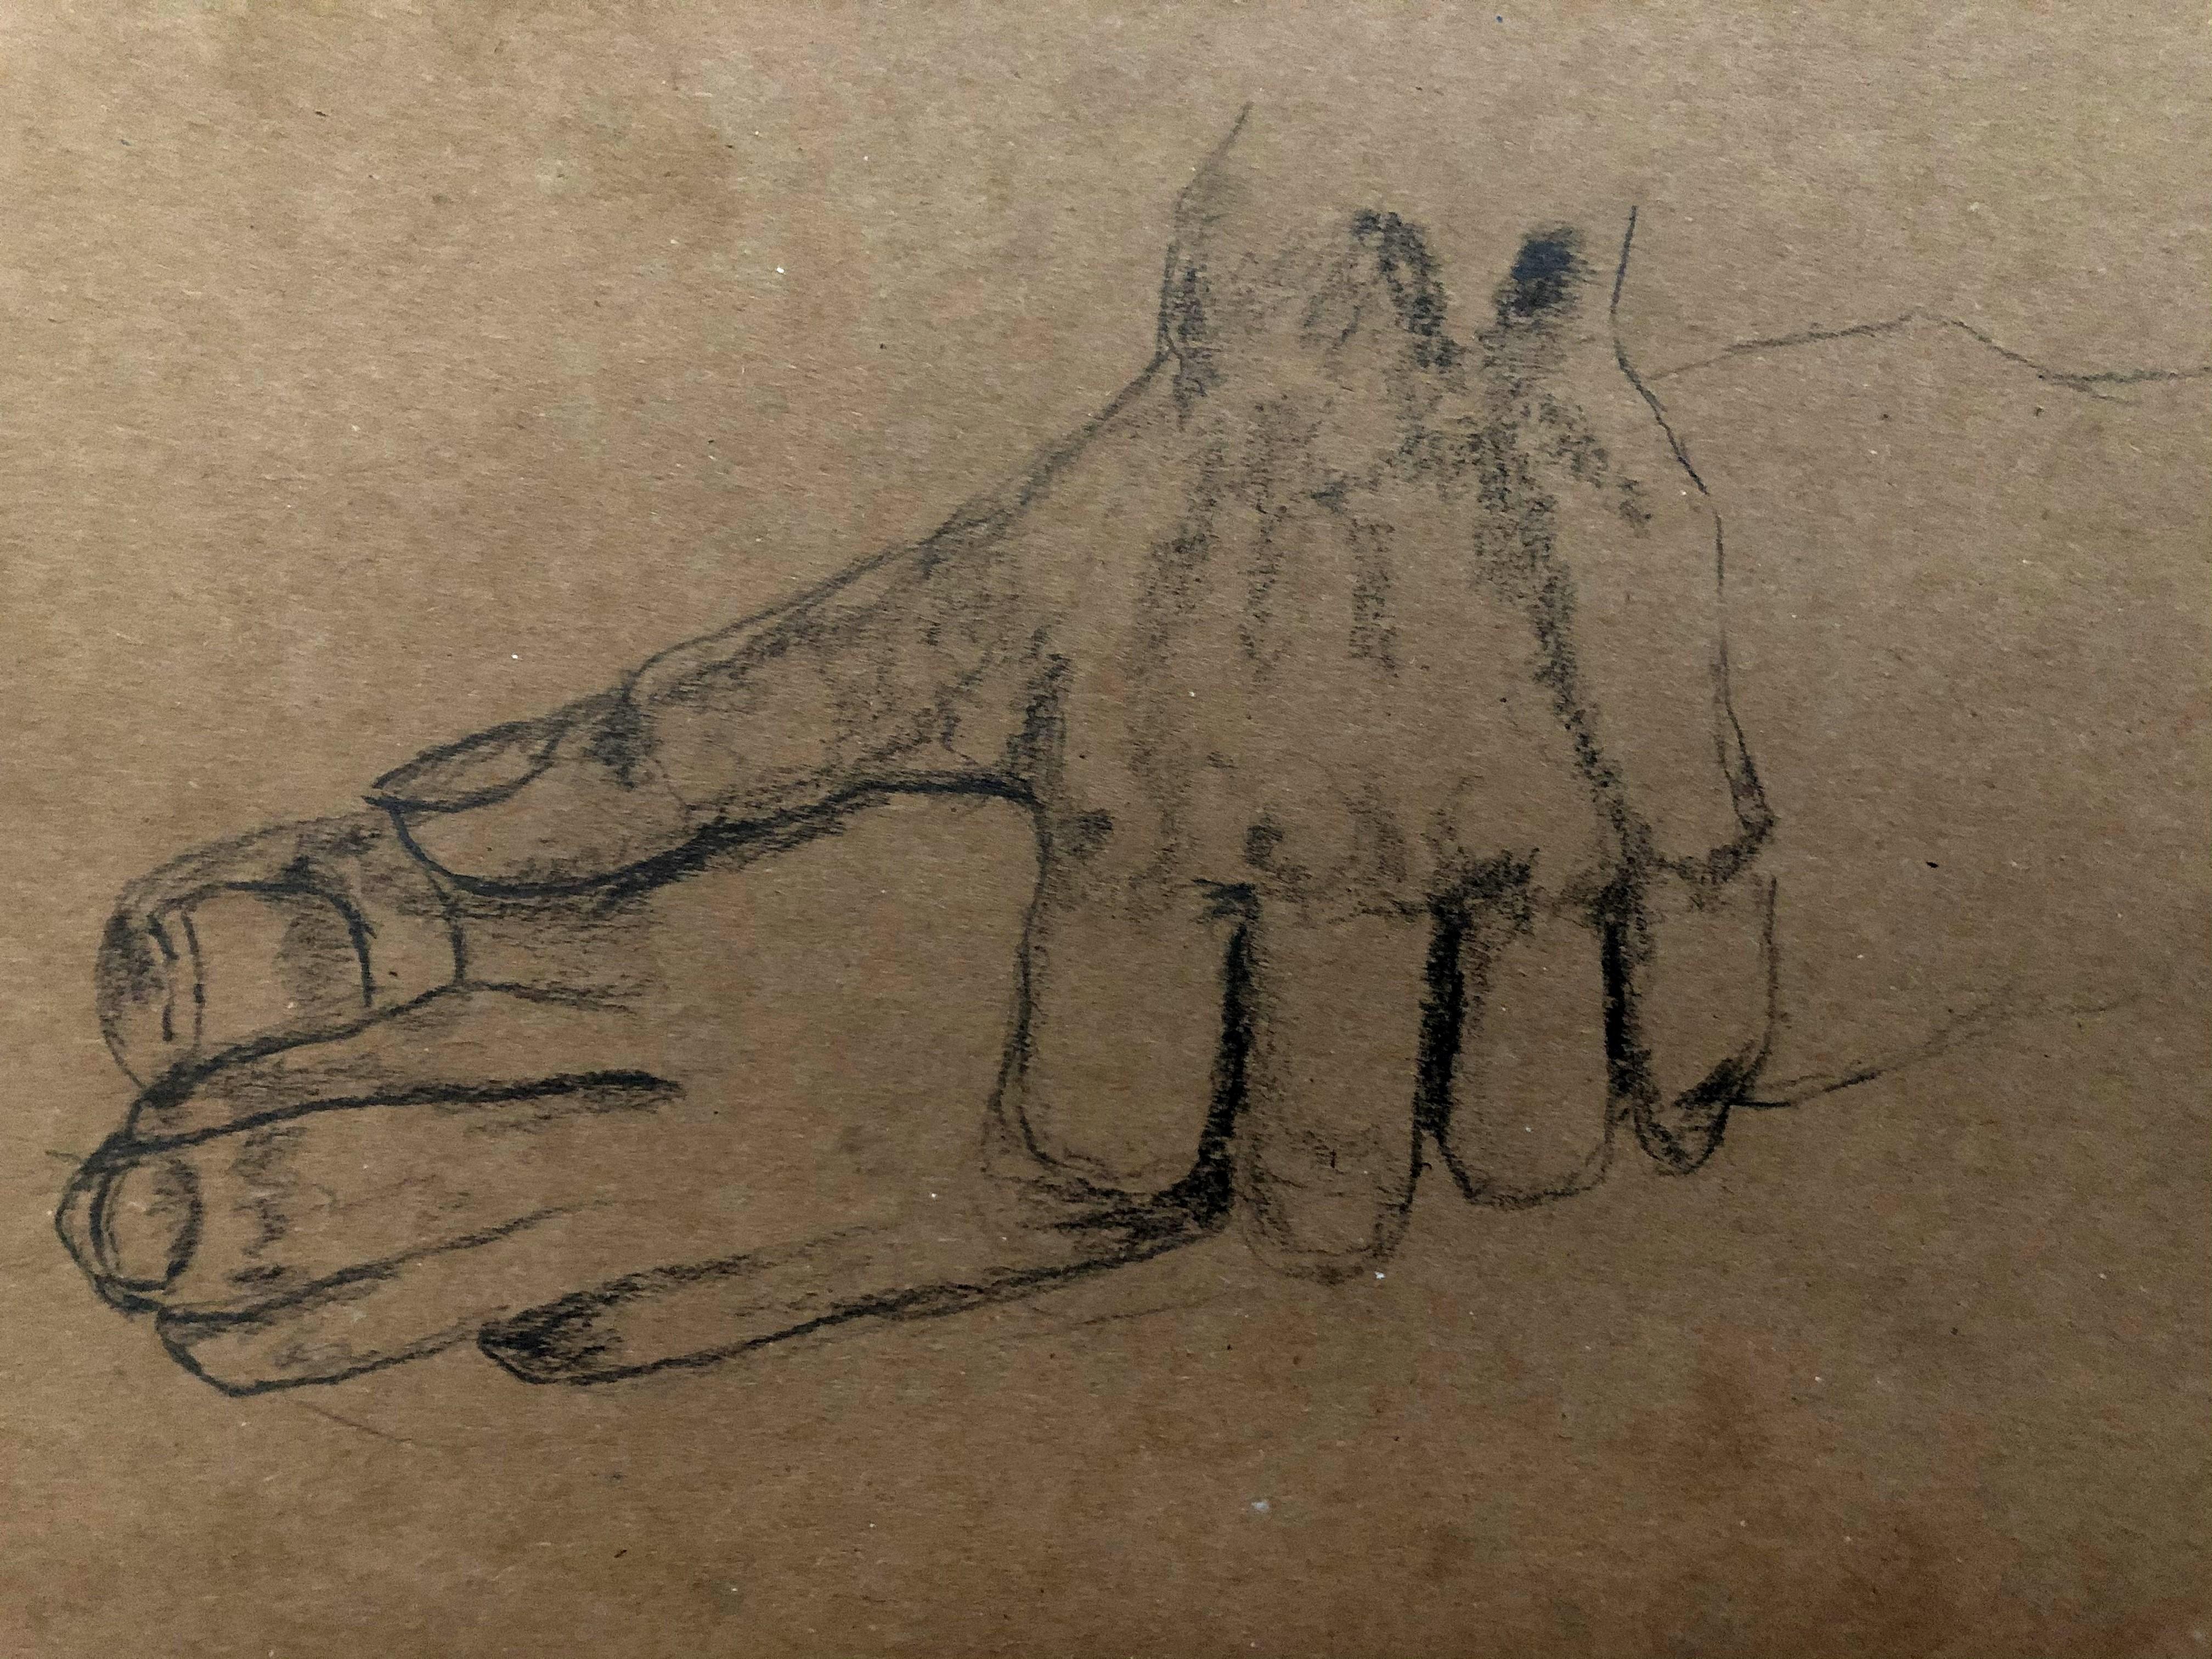 Étude un pied sur papier recyclé pierre noir  cours de dessin